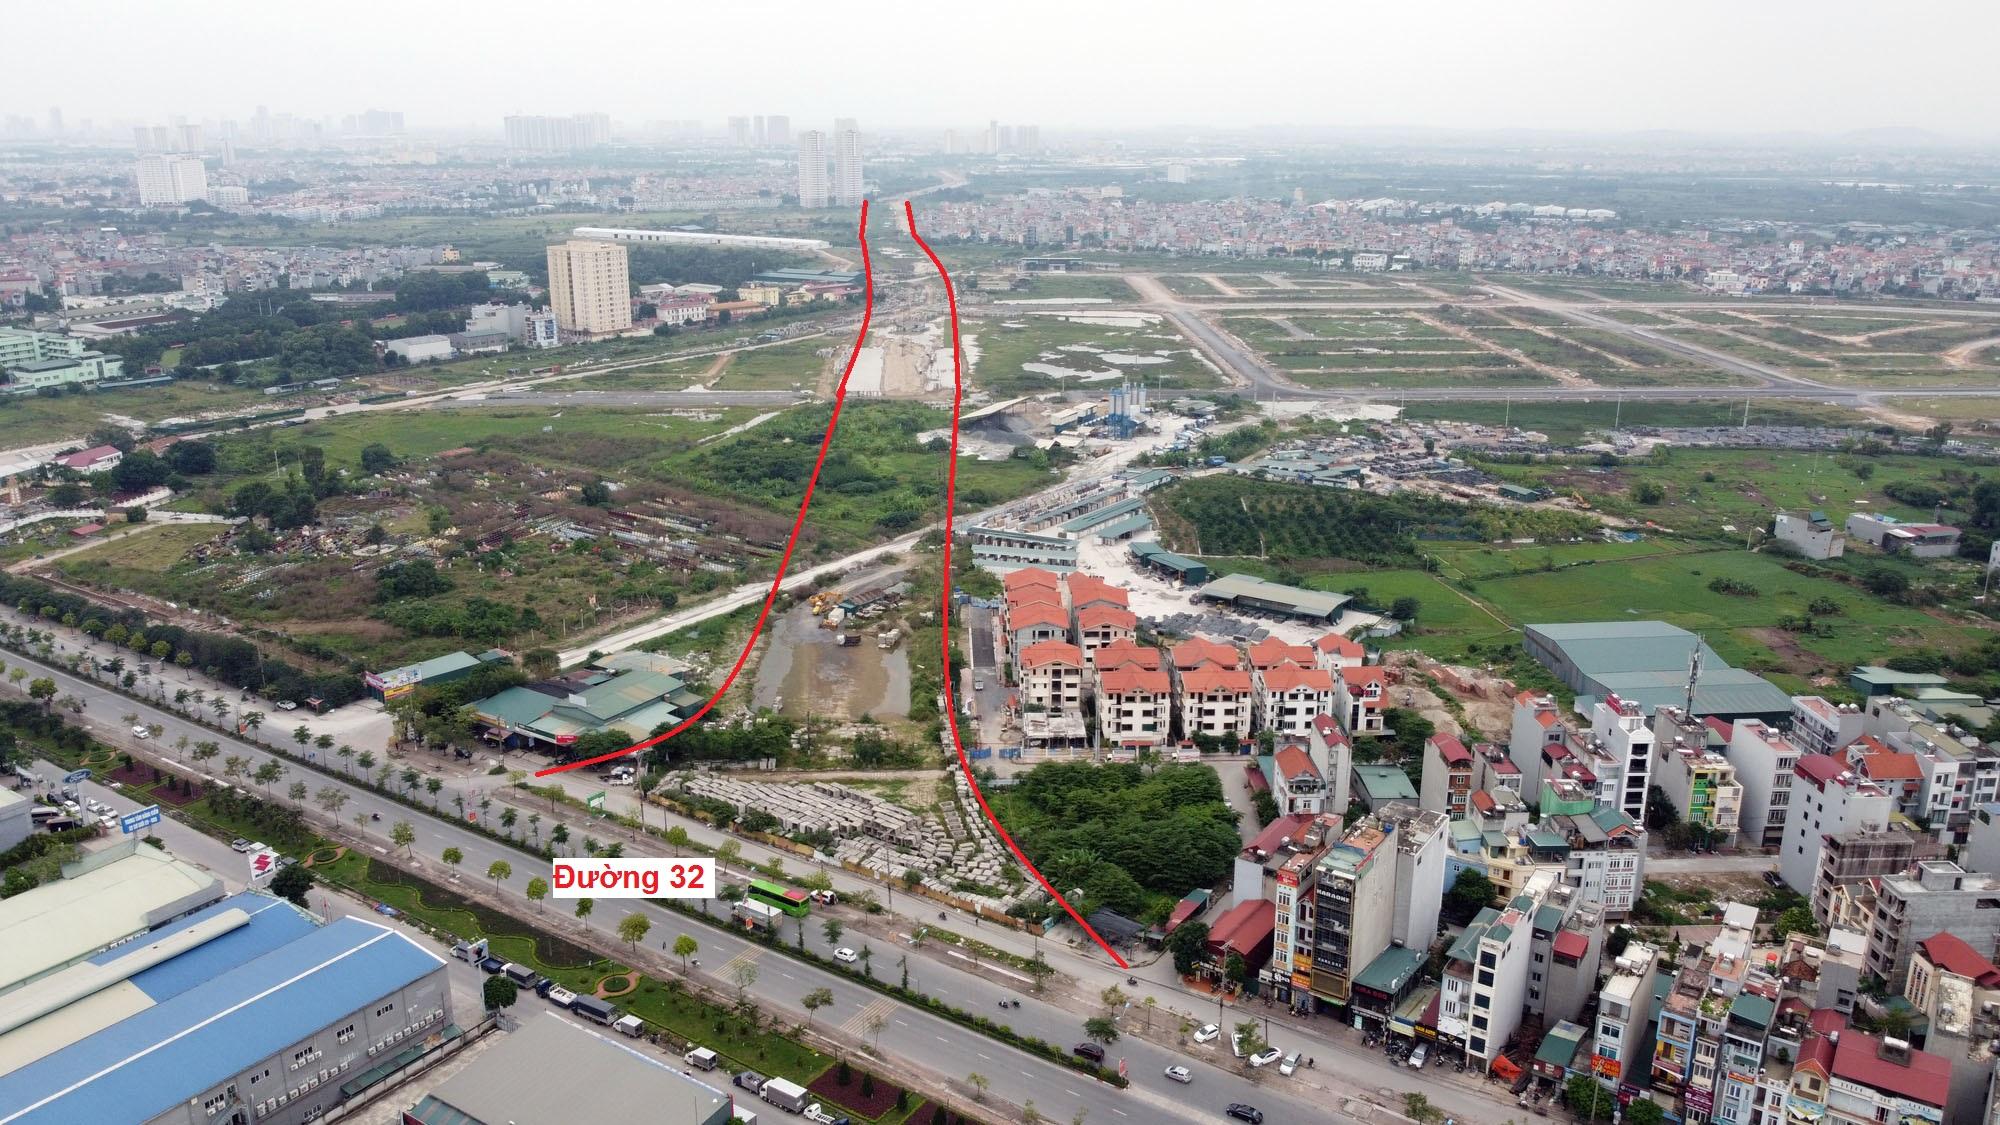 Ba đường sẽ mở theo qui hoạch ở xã Di Trạch, Hoài Đức, Hà Nội - Ảnh 5.